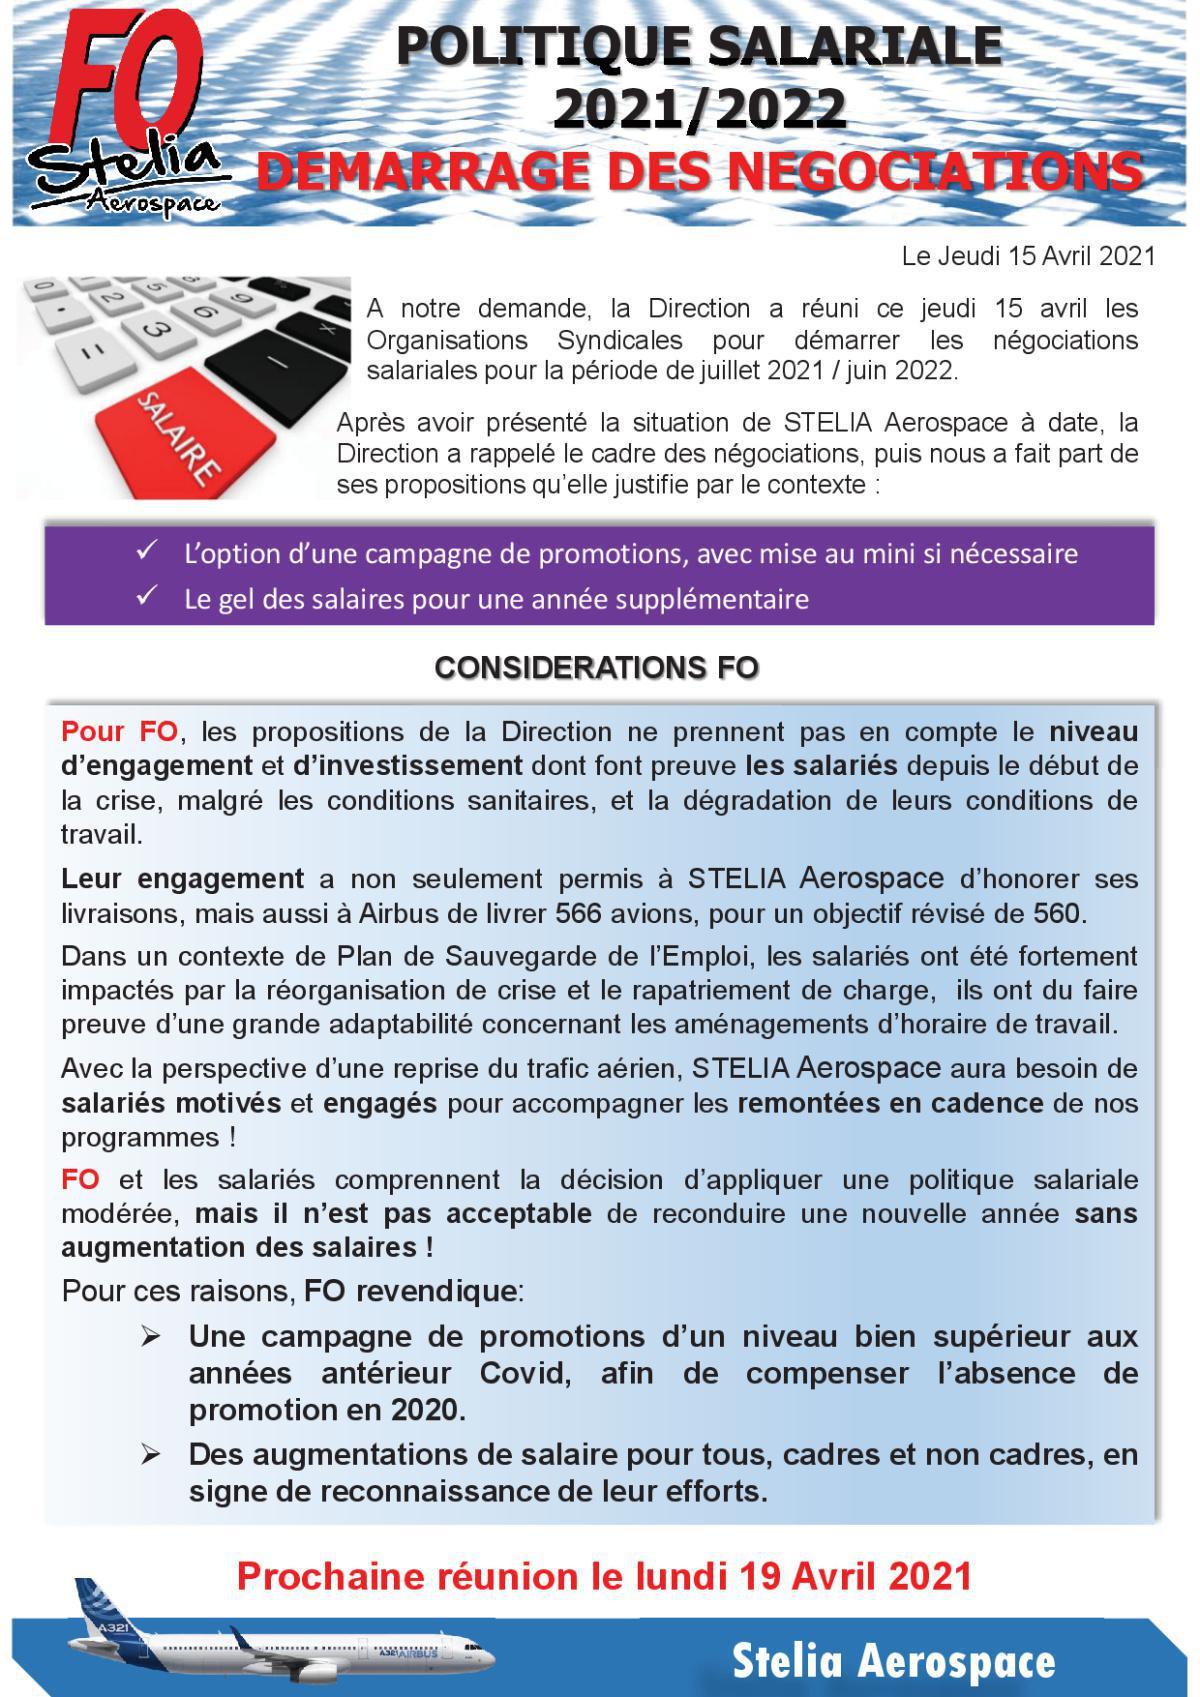 Politique salariale 2021-2022 - 1ère Réunion